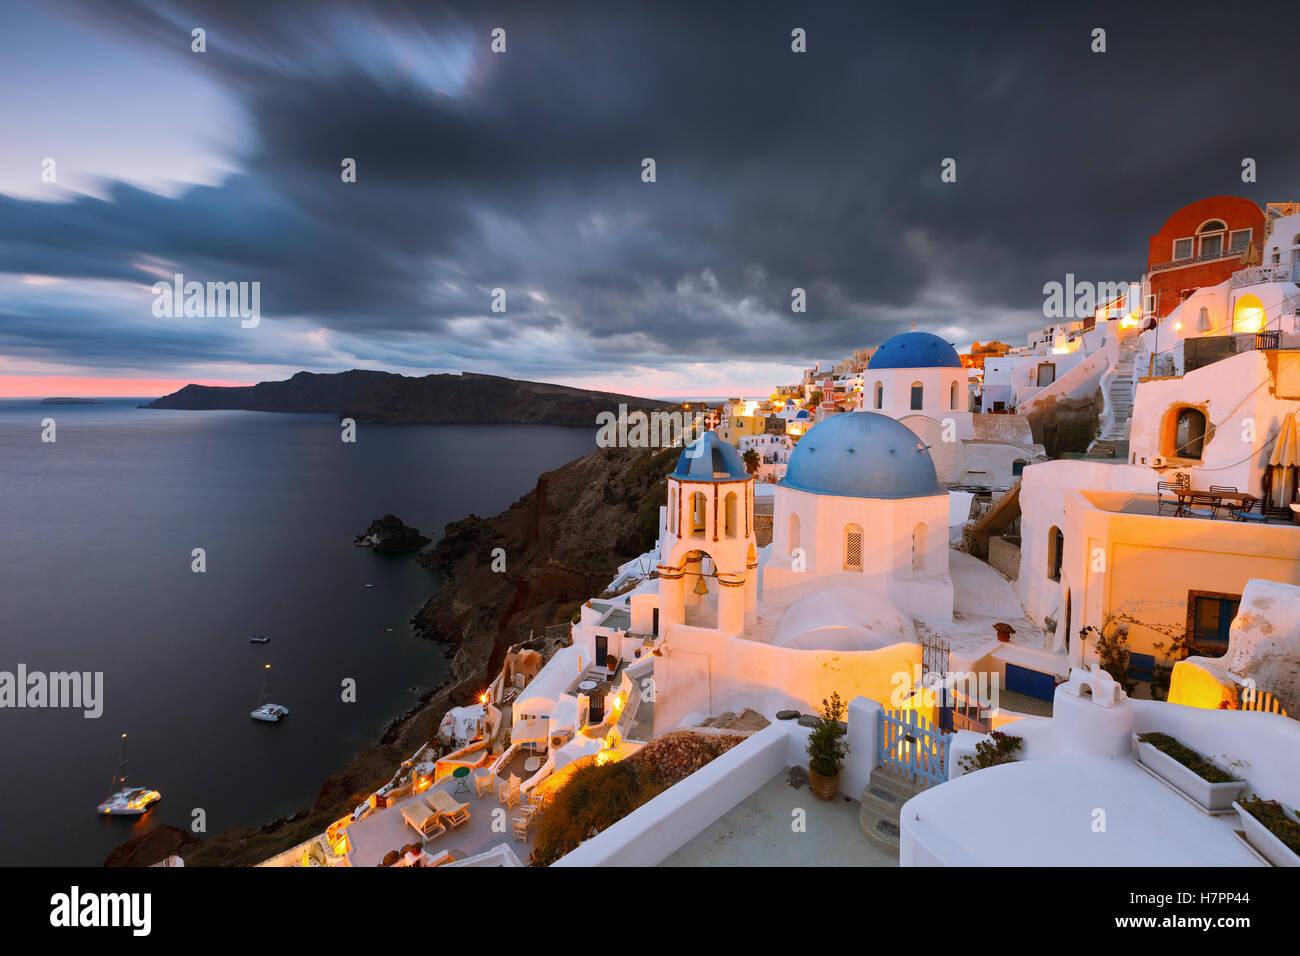 Vista del villaggio di Oia sull isola di Santorini in Grecia. Immagini Stock